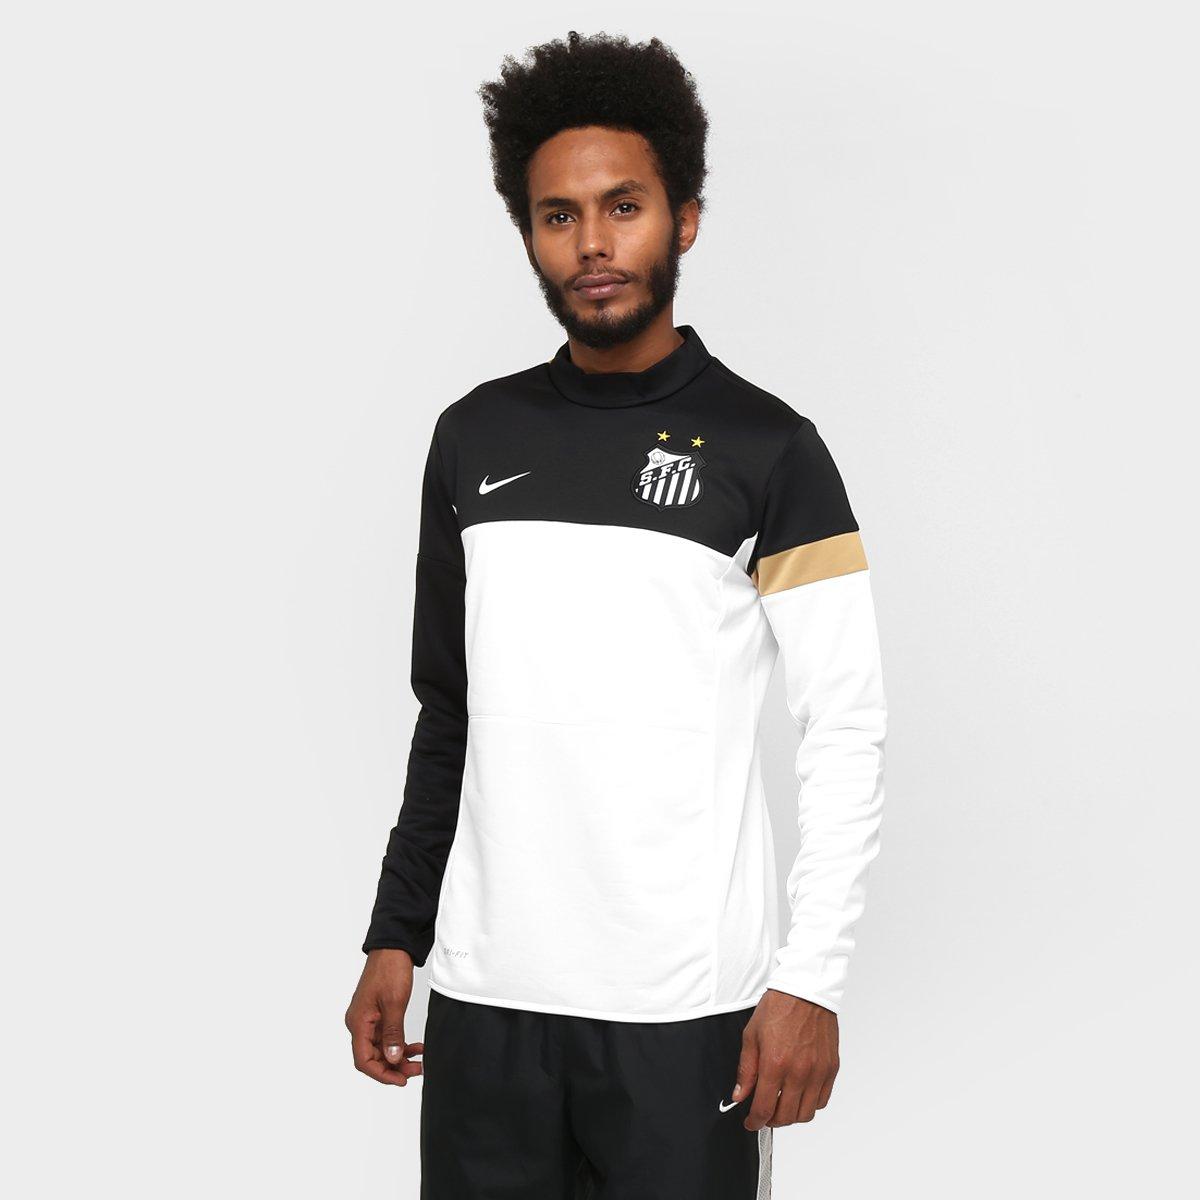 Blusa Nike Santos Treino I 13 14 - Compre Agora  43c87053c075d